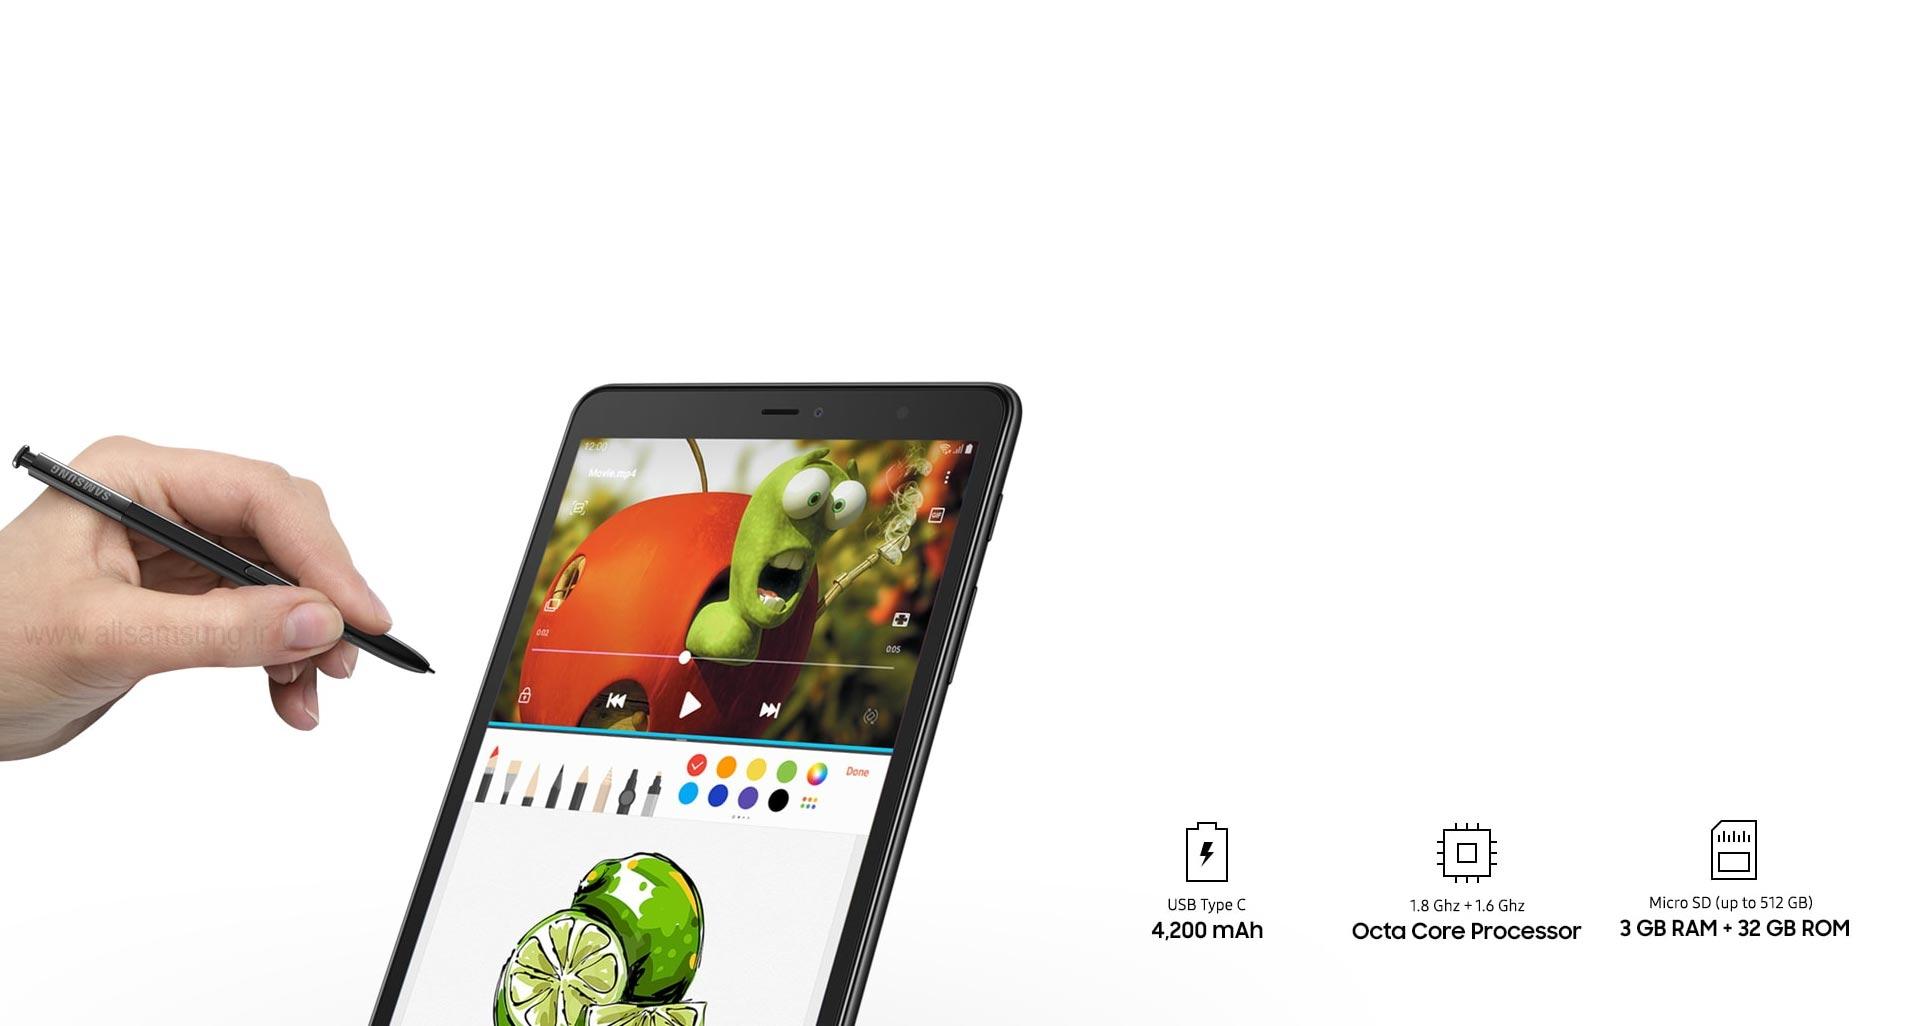 تبلت Galaxy Tab A با قلم S pen، همواره همراه شما